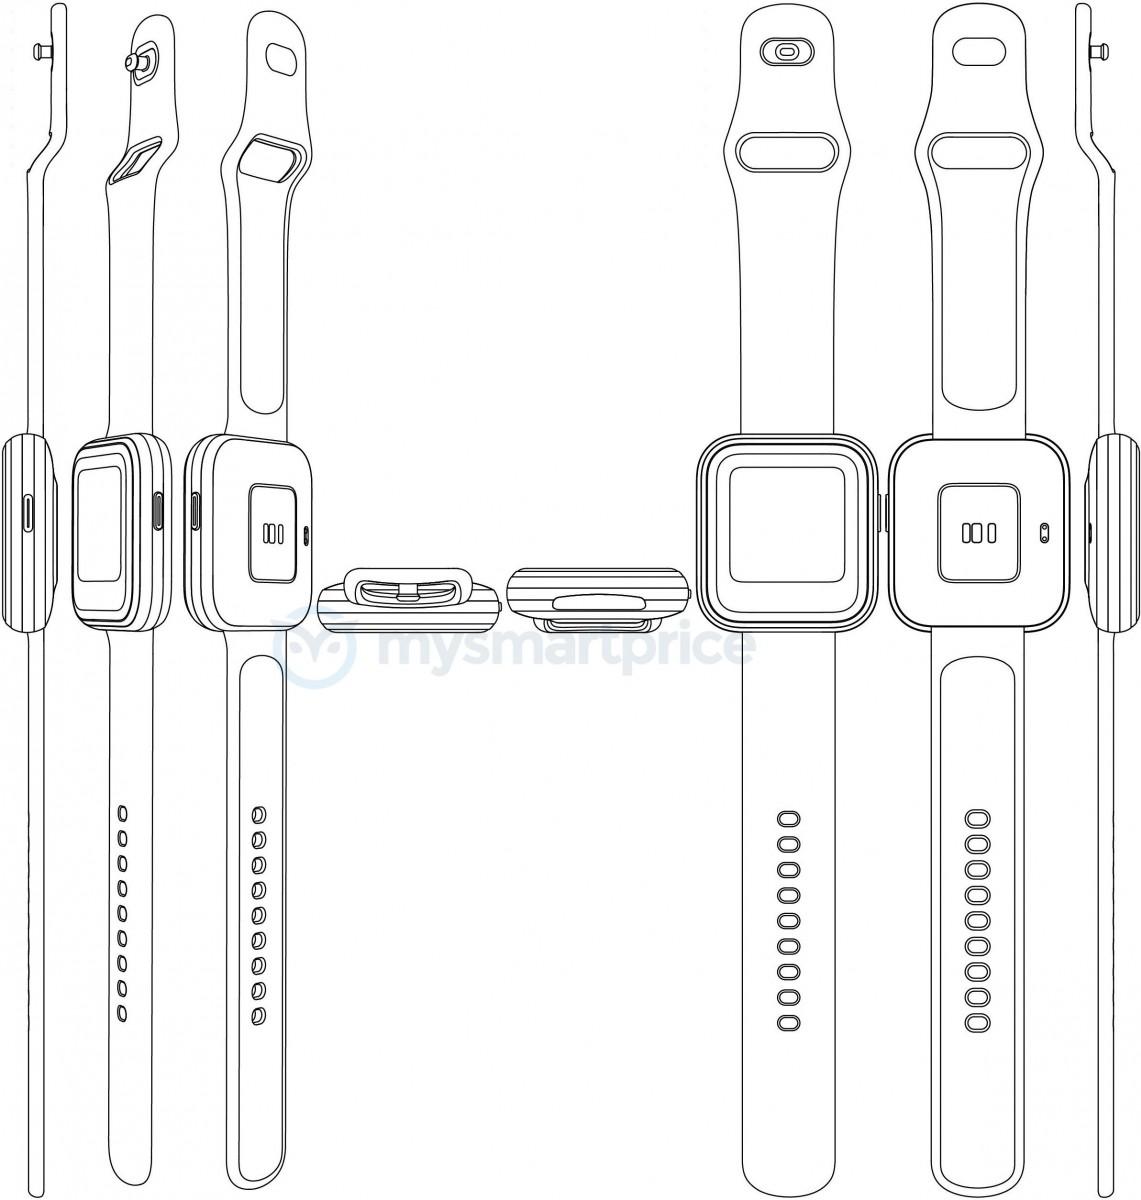 ظاهر جدید ساعتهای هوشمند ریلمی چطور خواهد بود؟